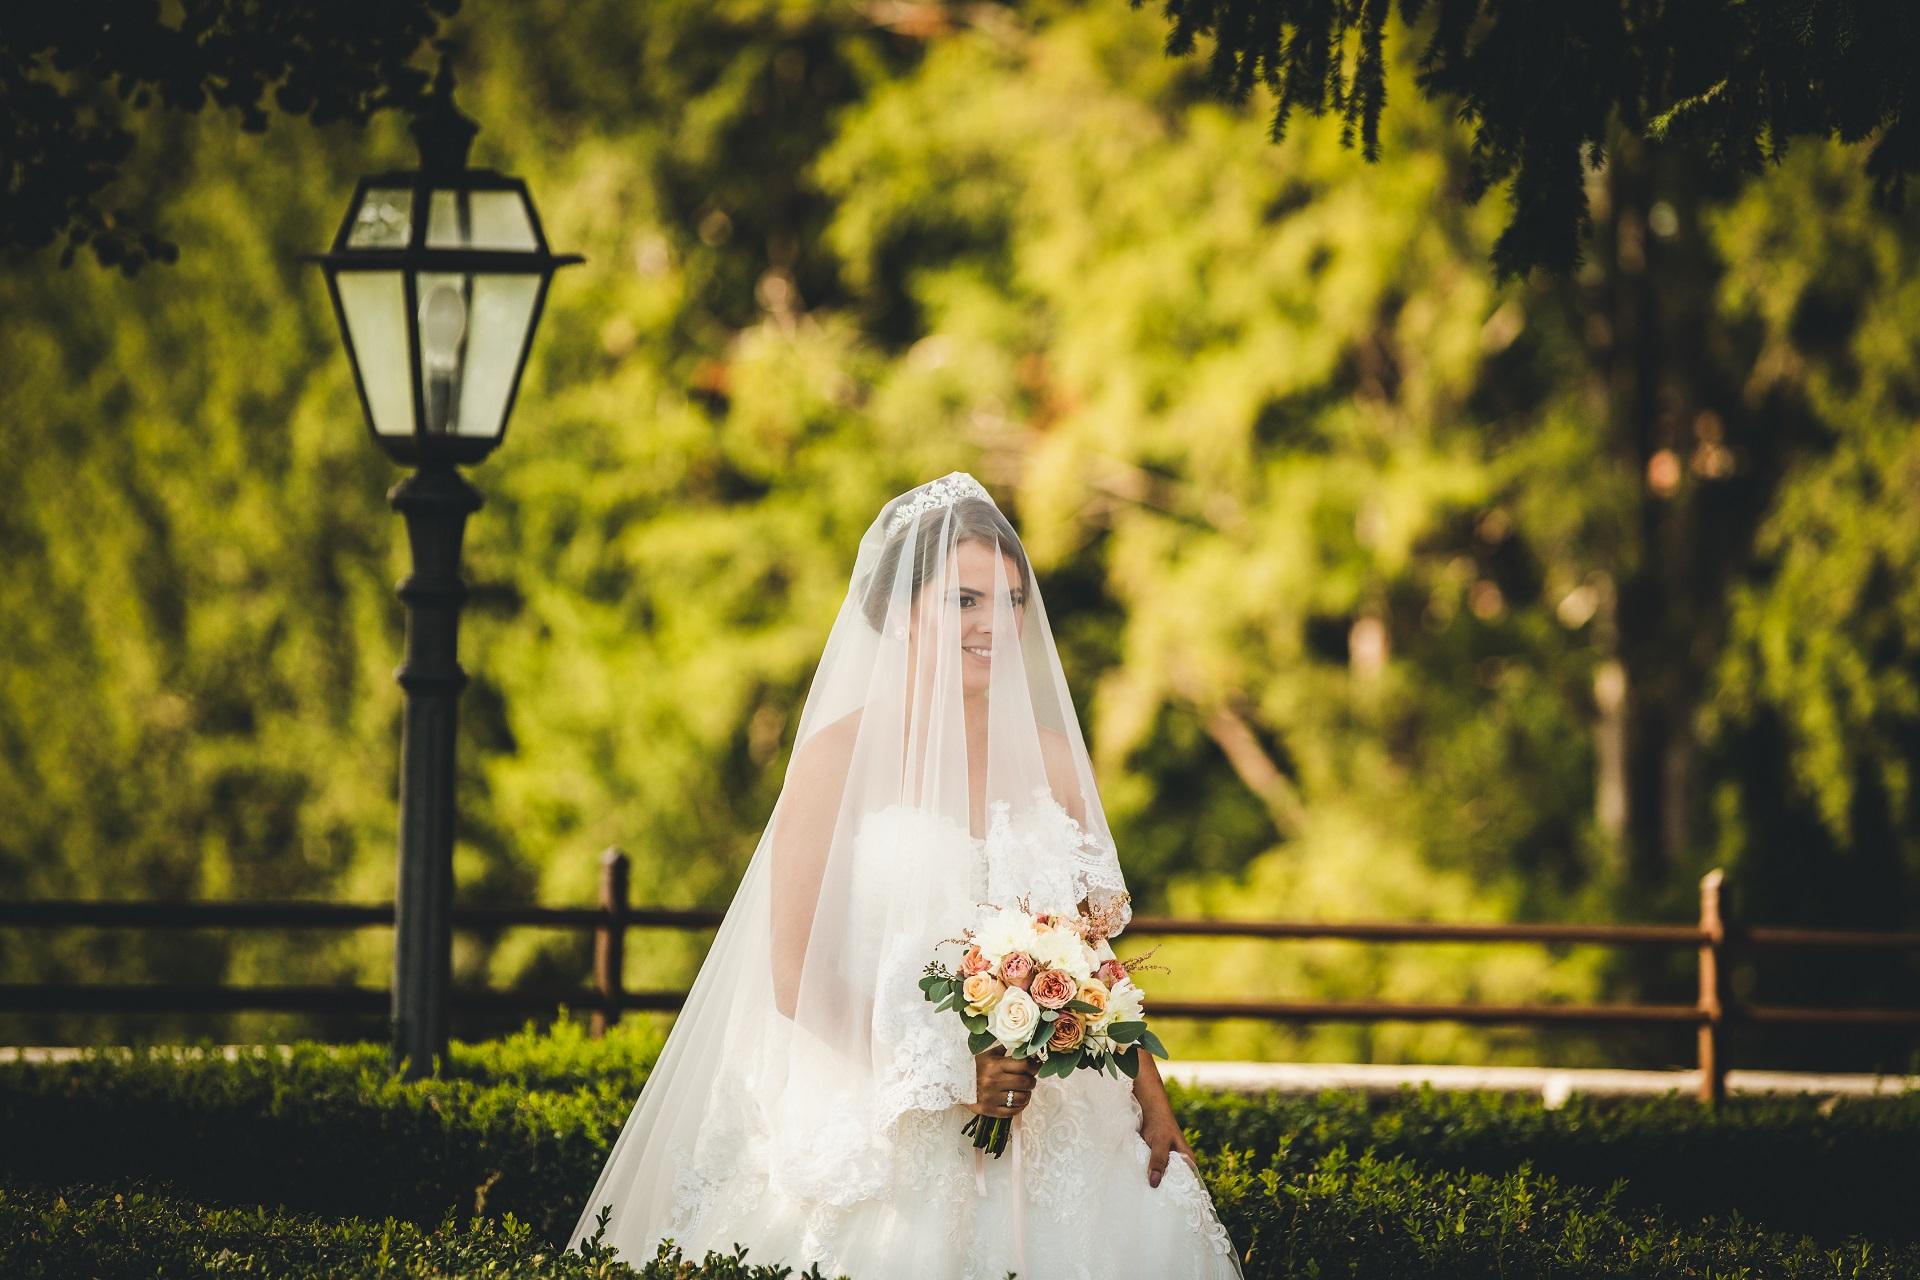 Zdjęcia ślubne - Castello Bevilacqua | Wygląda pod każdym względem wdzięczną i elegancką panną młodą